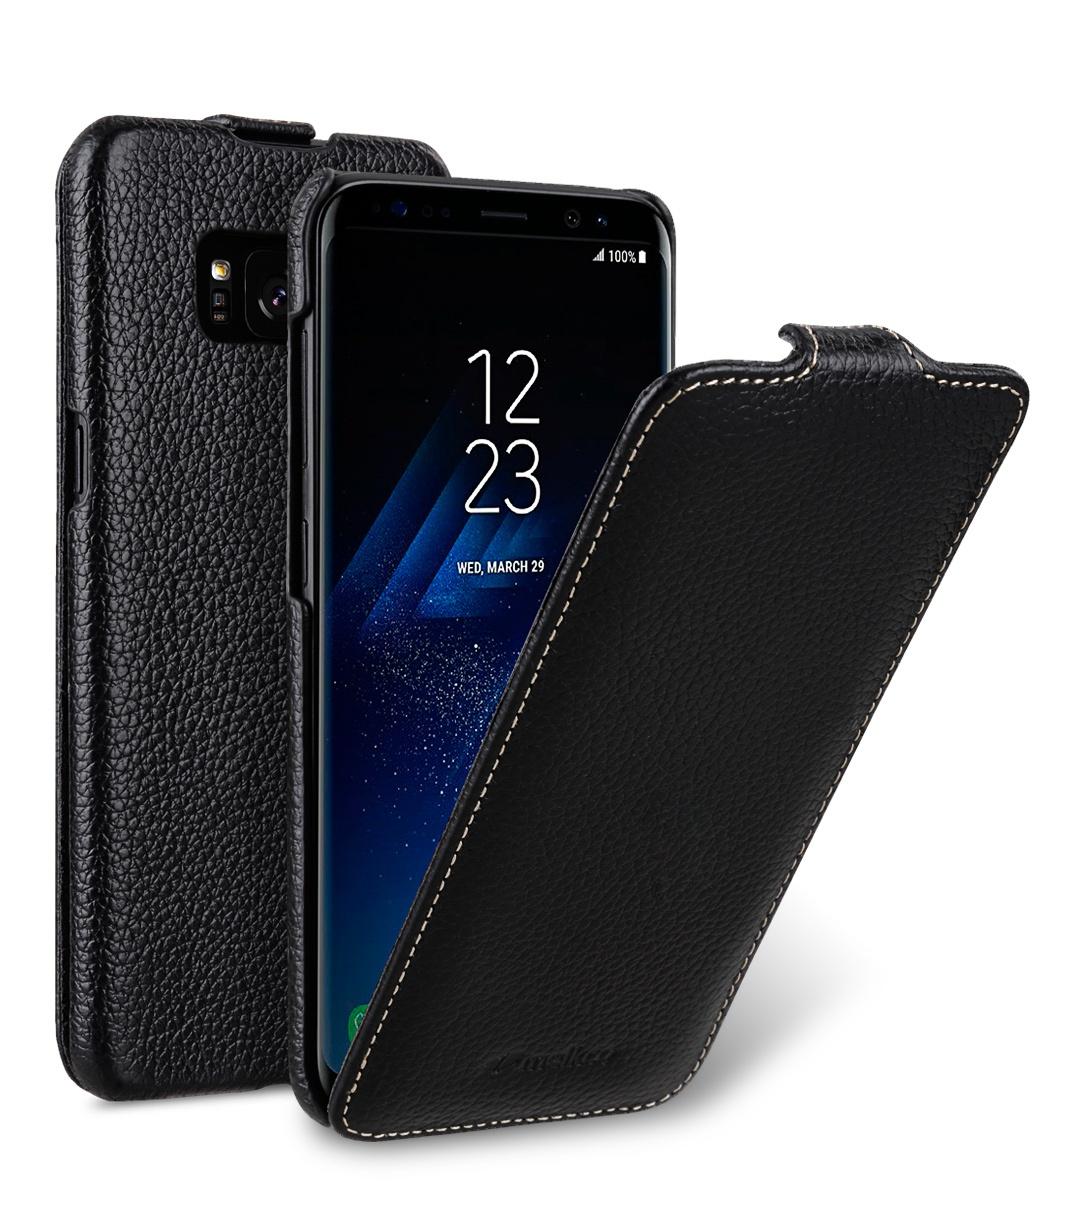 Кожаный чехол флип Melkco для Samsung Galaxy S8 Plus, черный mooncase для samsung galaxy а7 кожаный чехол держатель кошелек флип карты с kickstand чехол обложка no a01